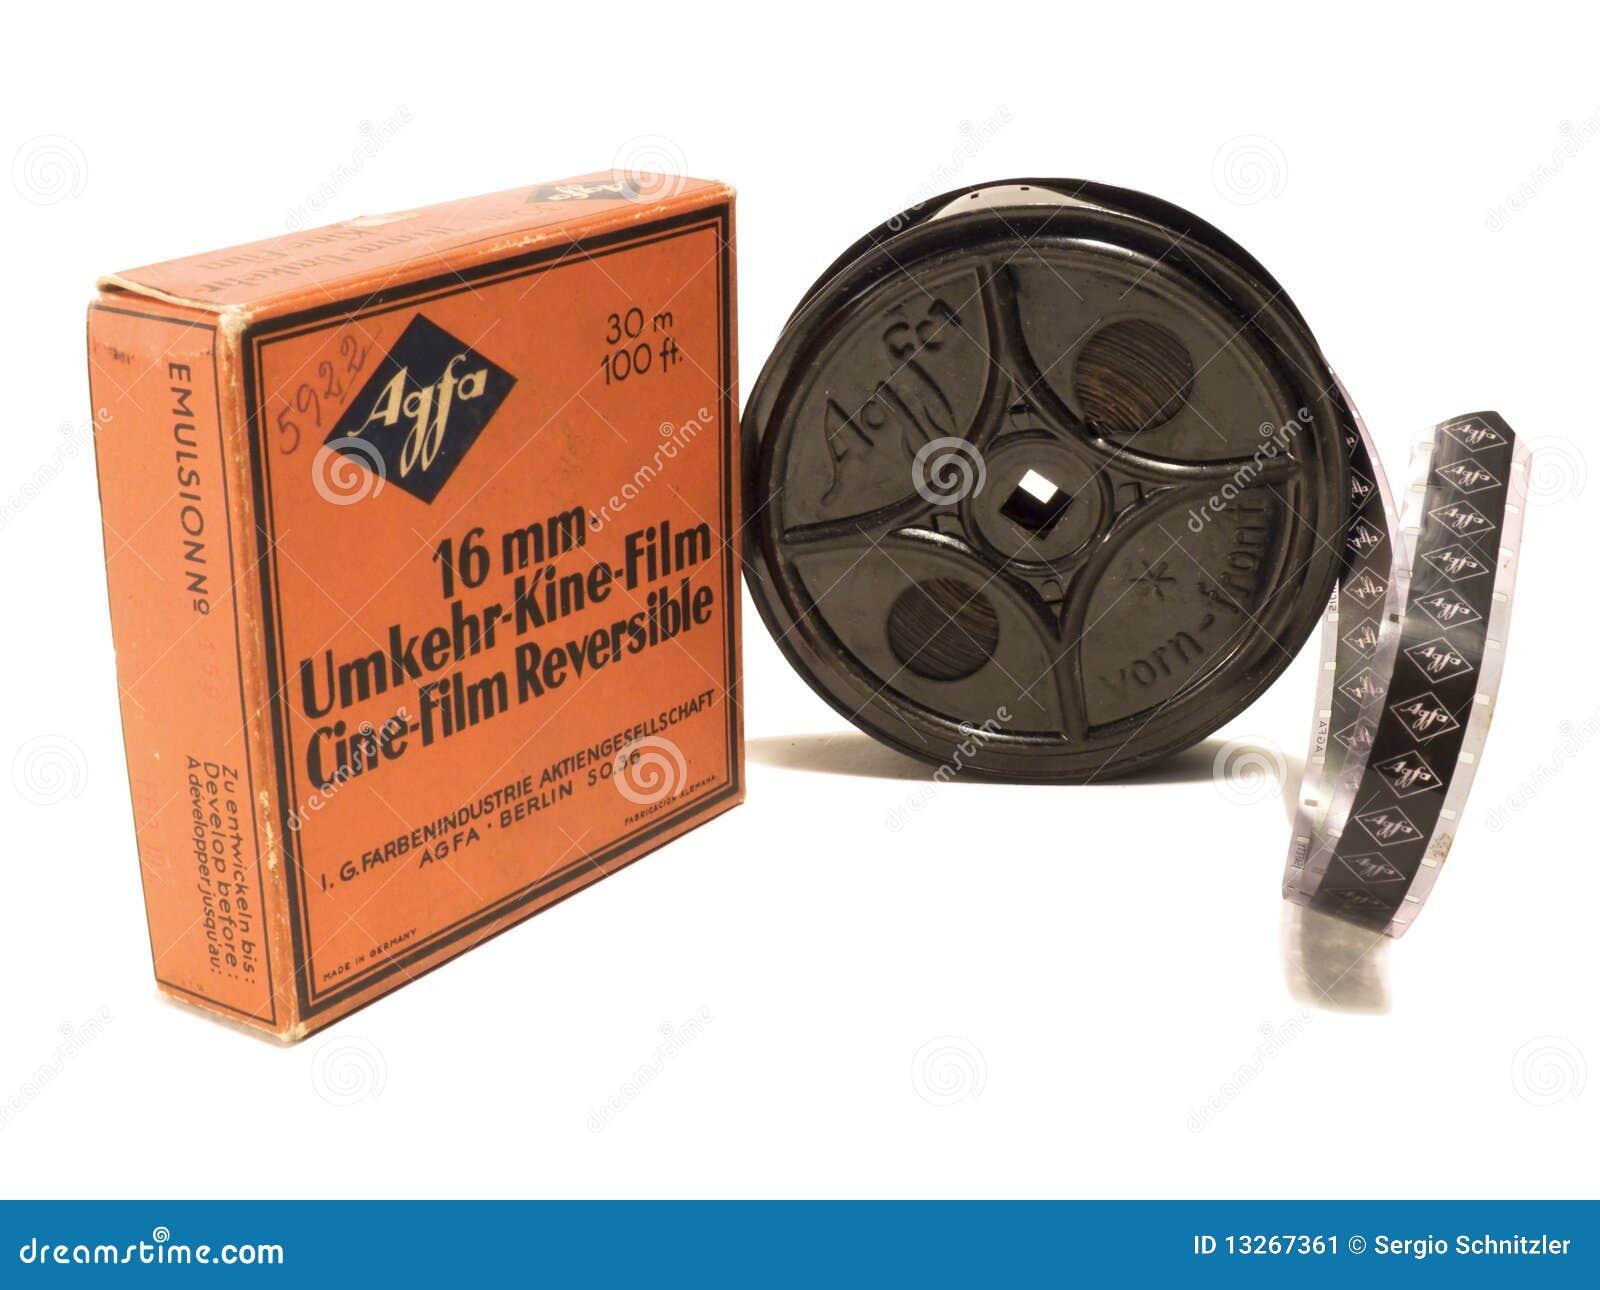 16mm afga redakcyjny ekranowej rolki use